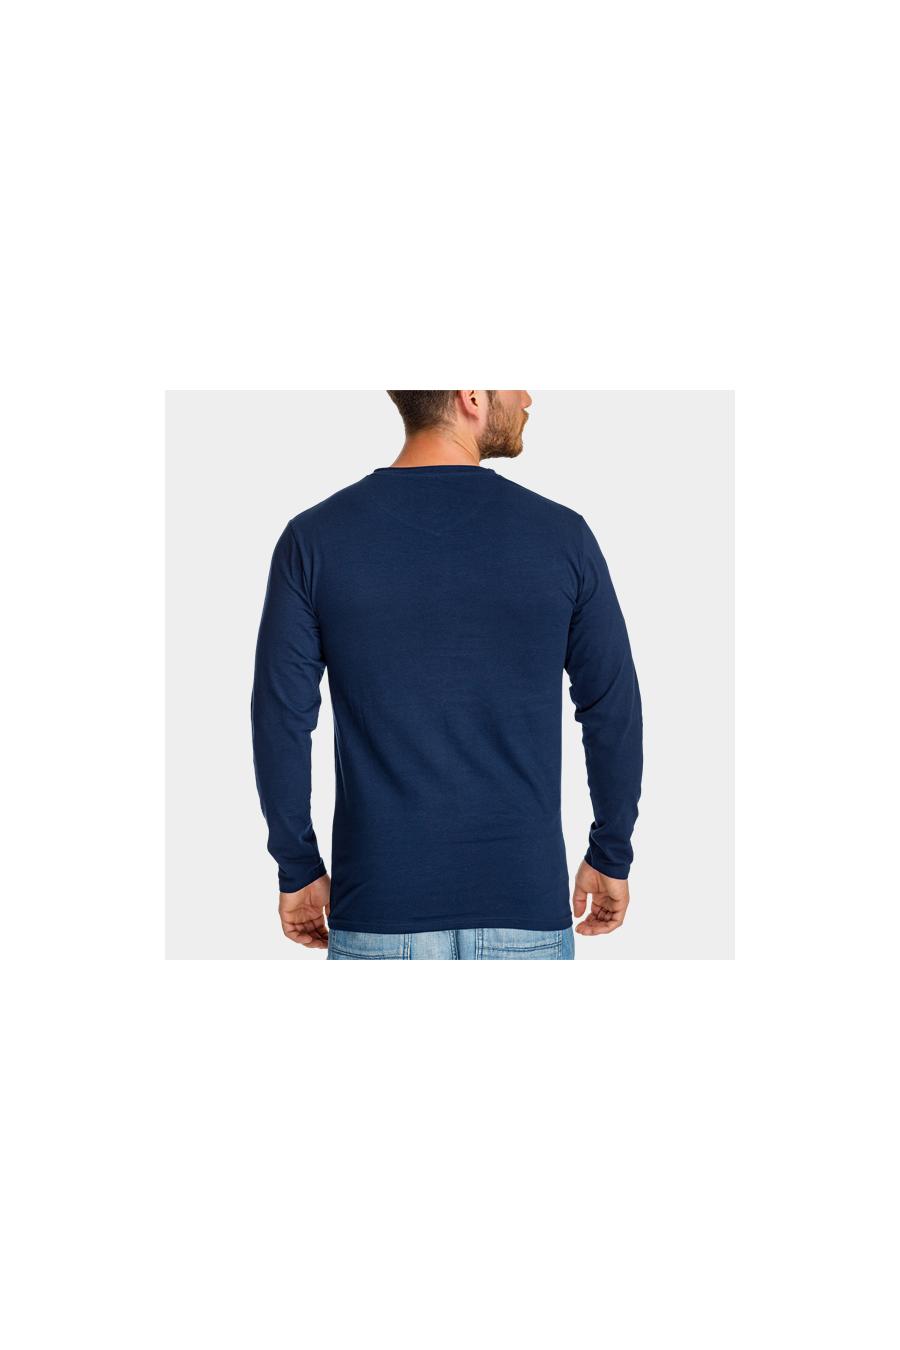 Trikók, pólók - J.PRESS - Férfi hosszú ujjú alsópóló J.PRESS